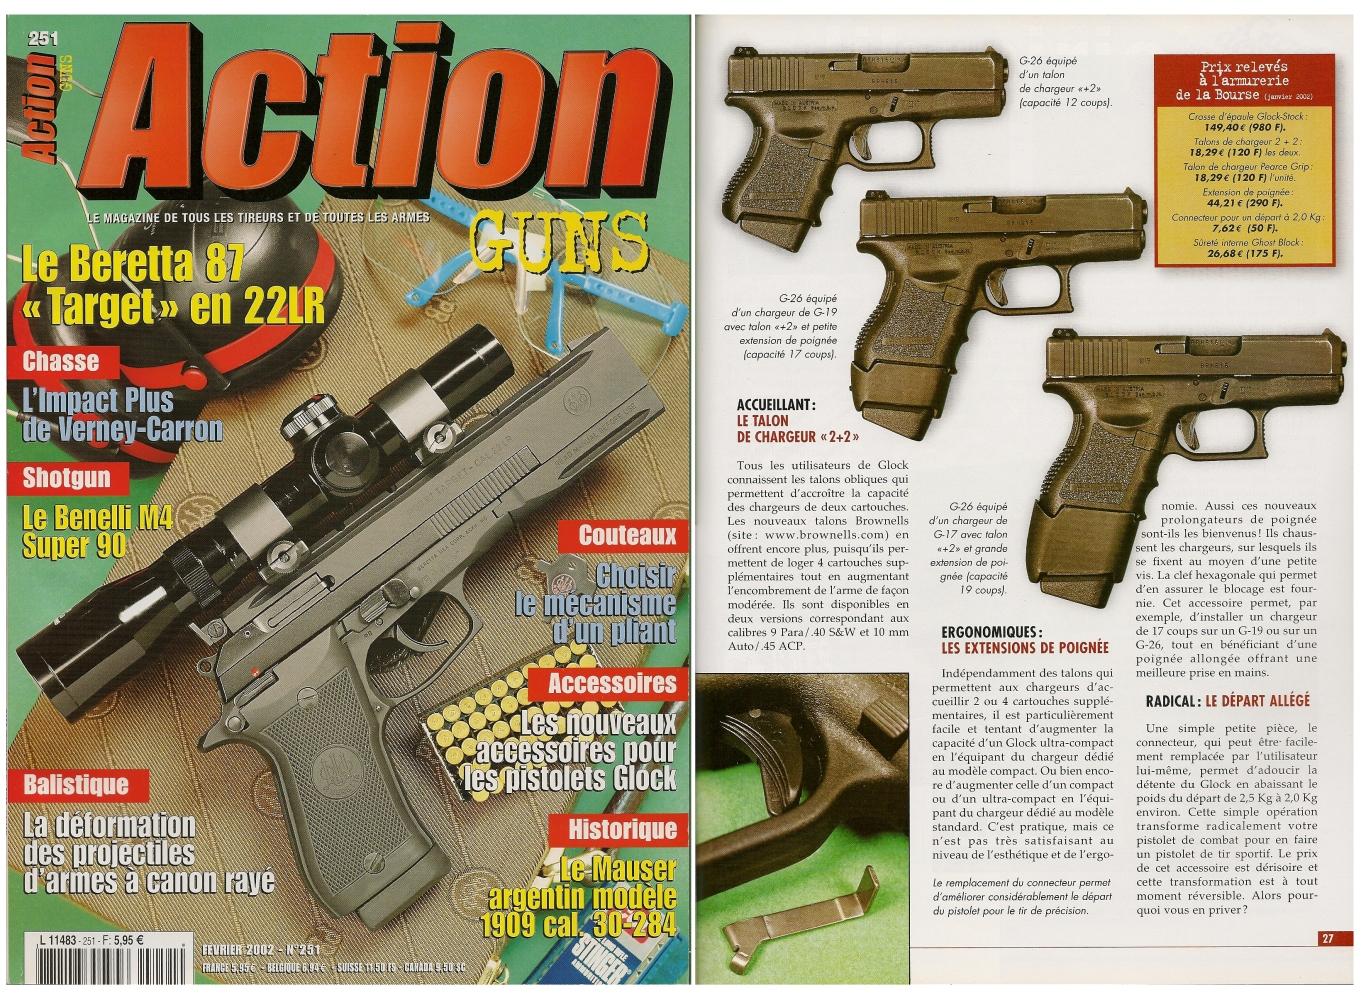 Le banc d'essai des nouveaux accessoires destinés aux pistolets Glock a été publié sur 5 pages dans le magazine Action Guns n° 251 (février 2002).